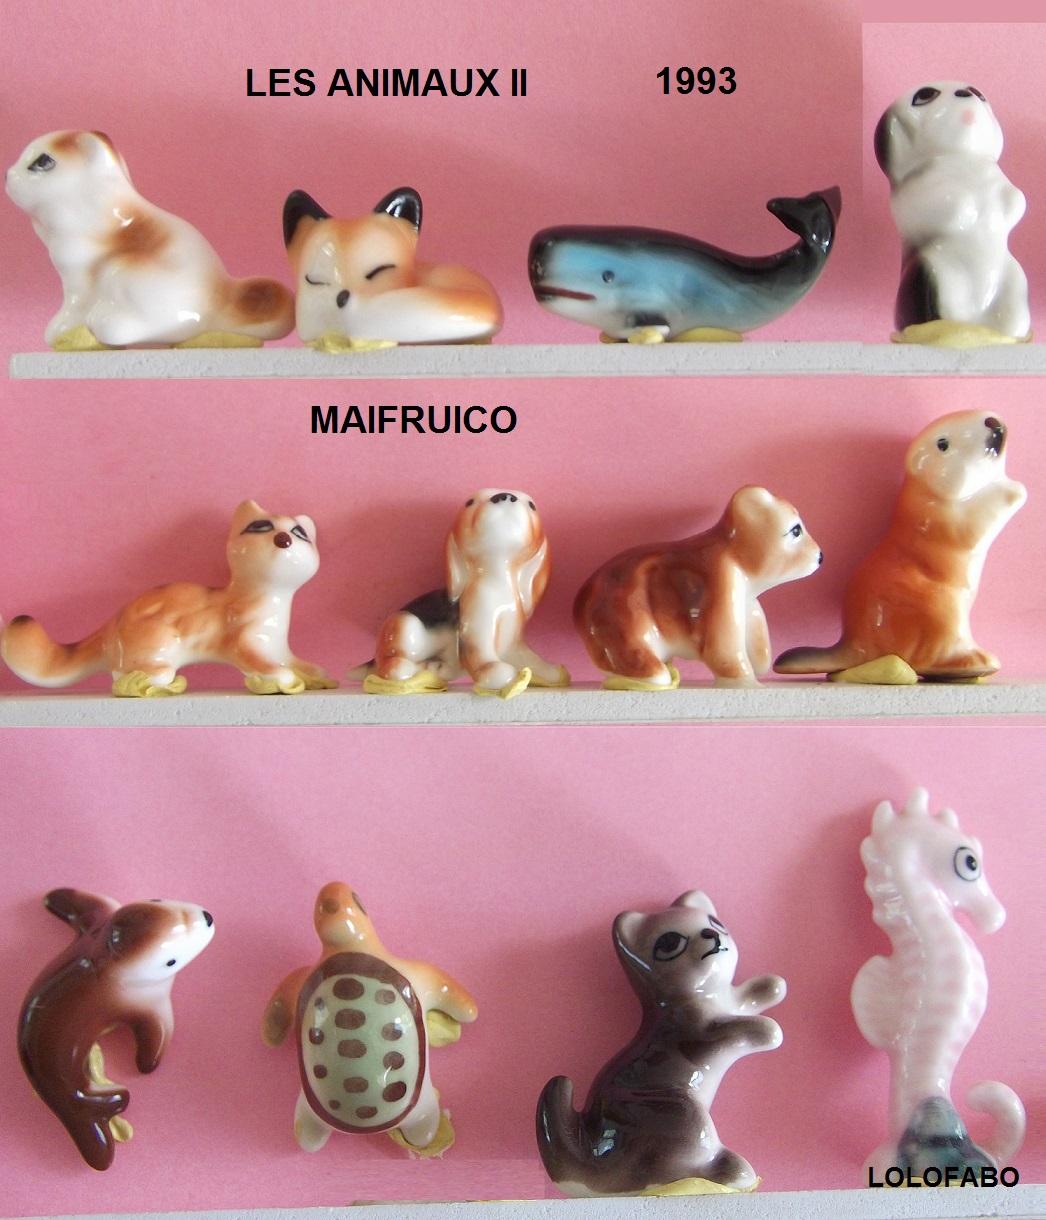 1993 les animaux ii maifruico aff93p17 1